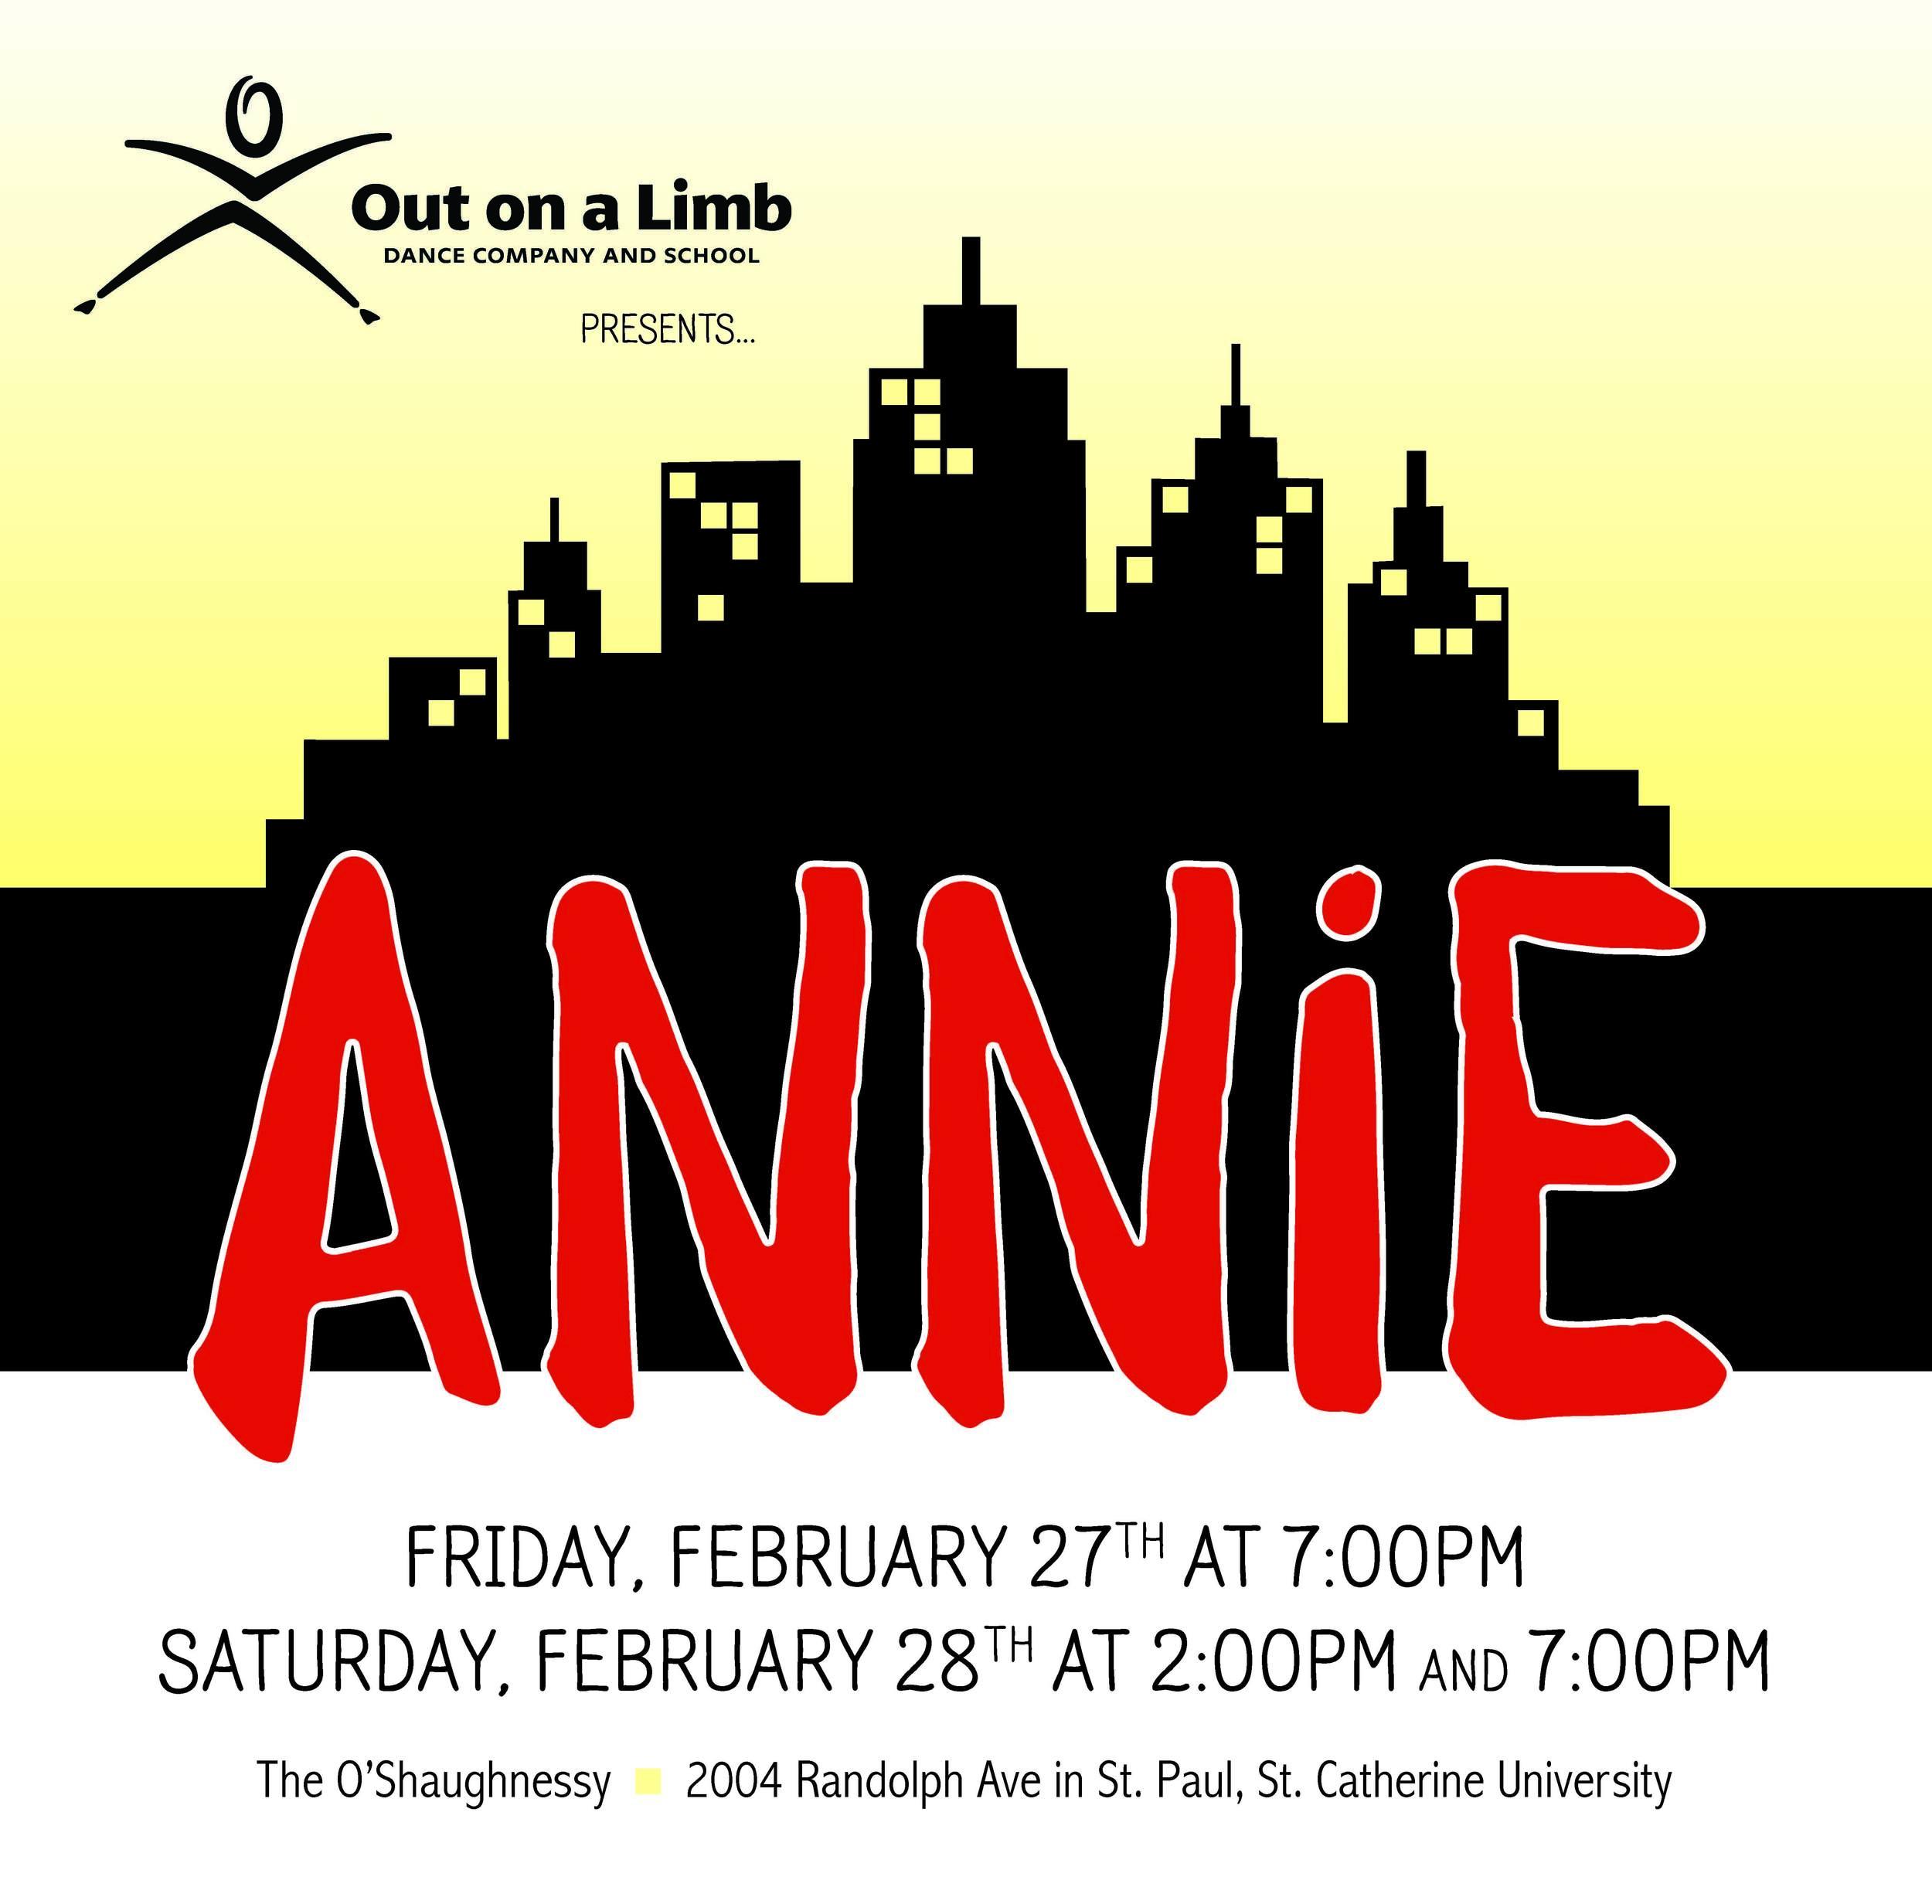 Annie_PressPage.jpg